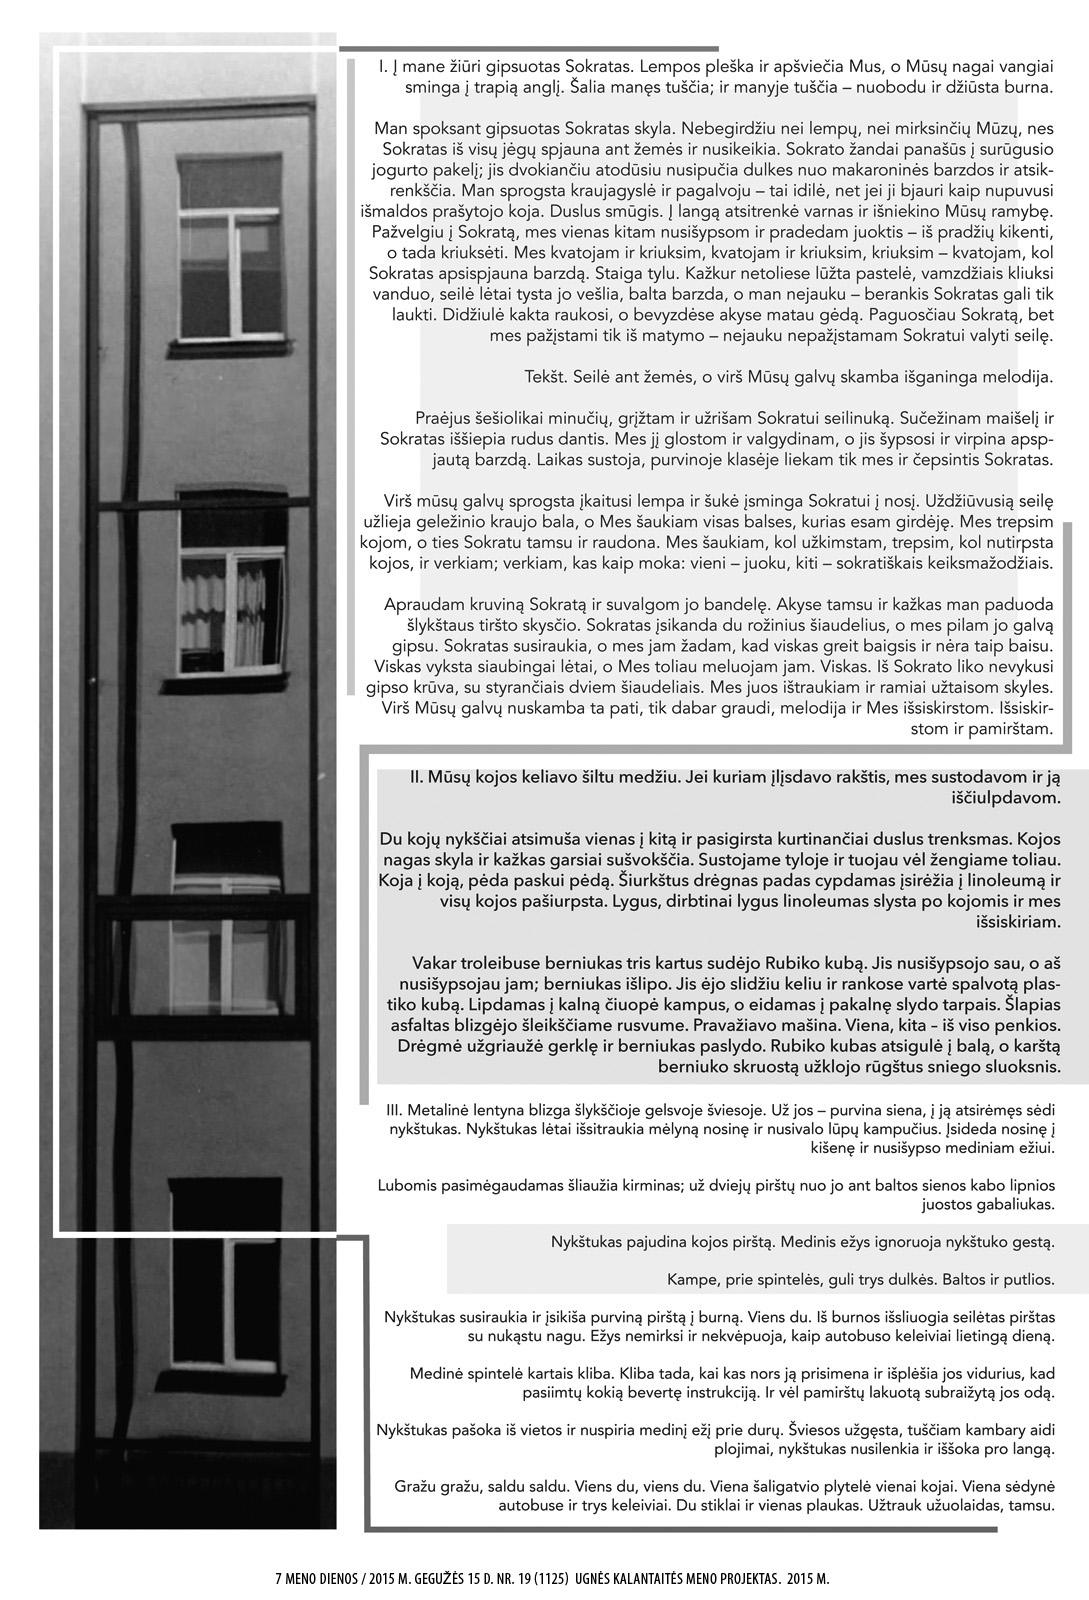 2,4 metro sėdynė - plačiausių pasaulyje klubų savininkės pasididžiavimas - DELFI Veidai